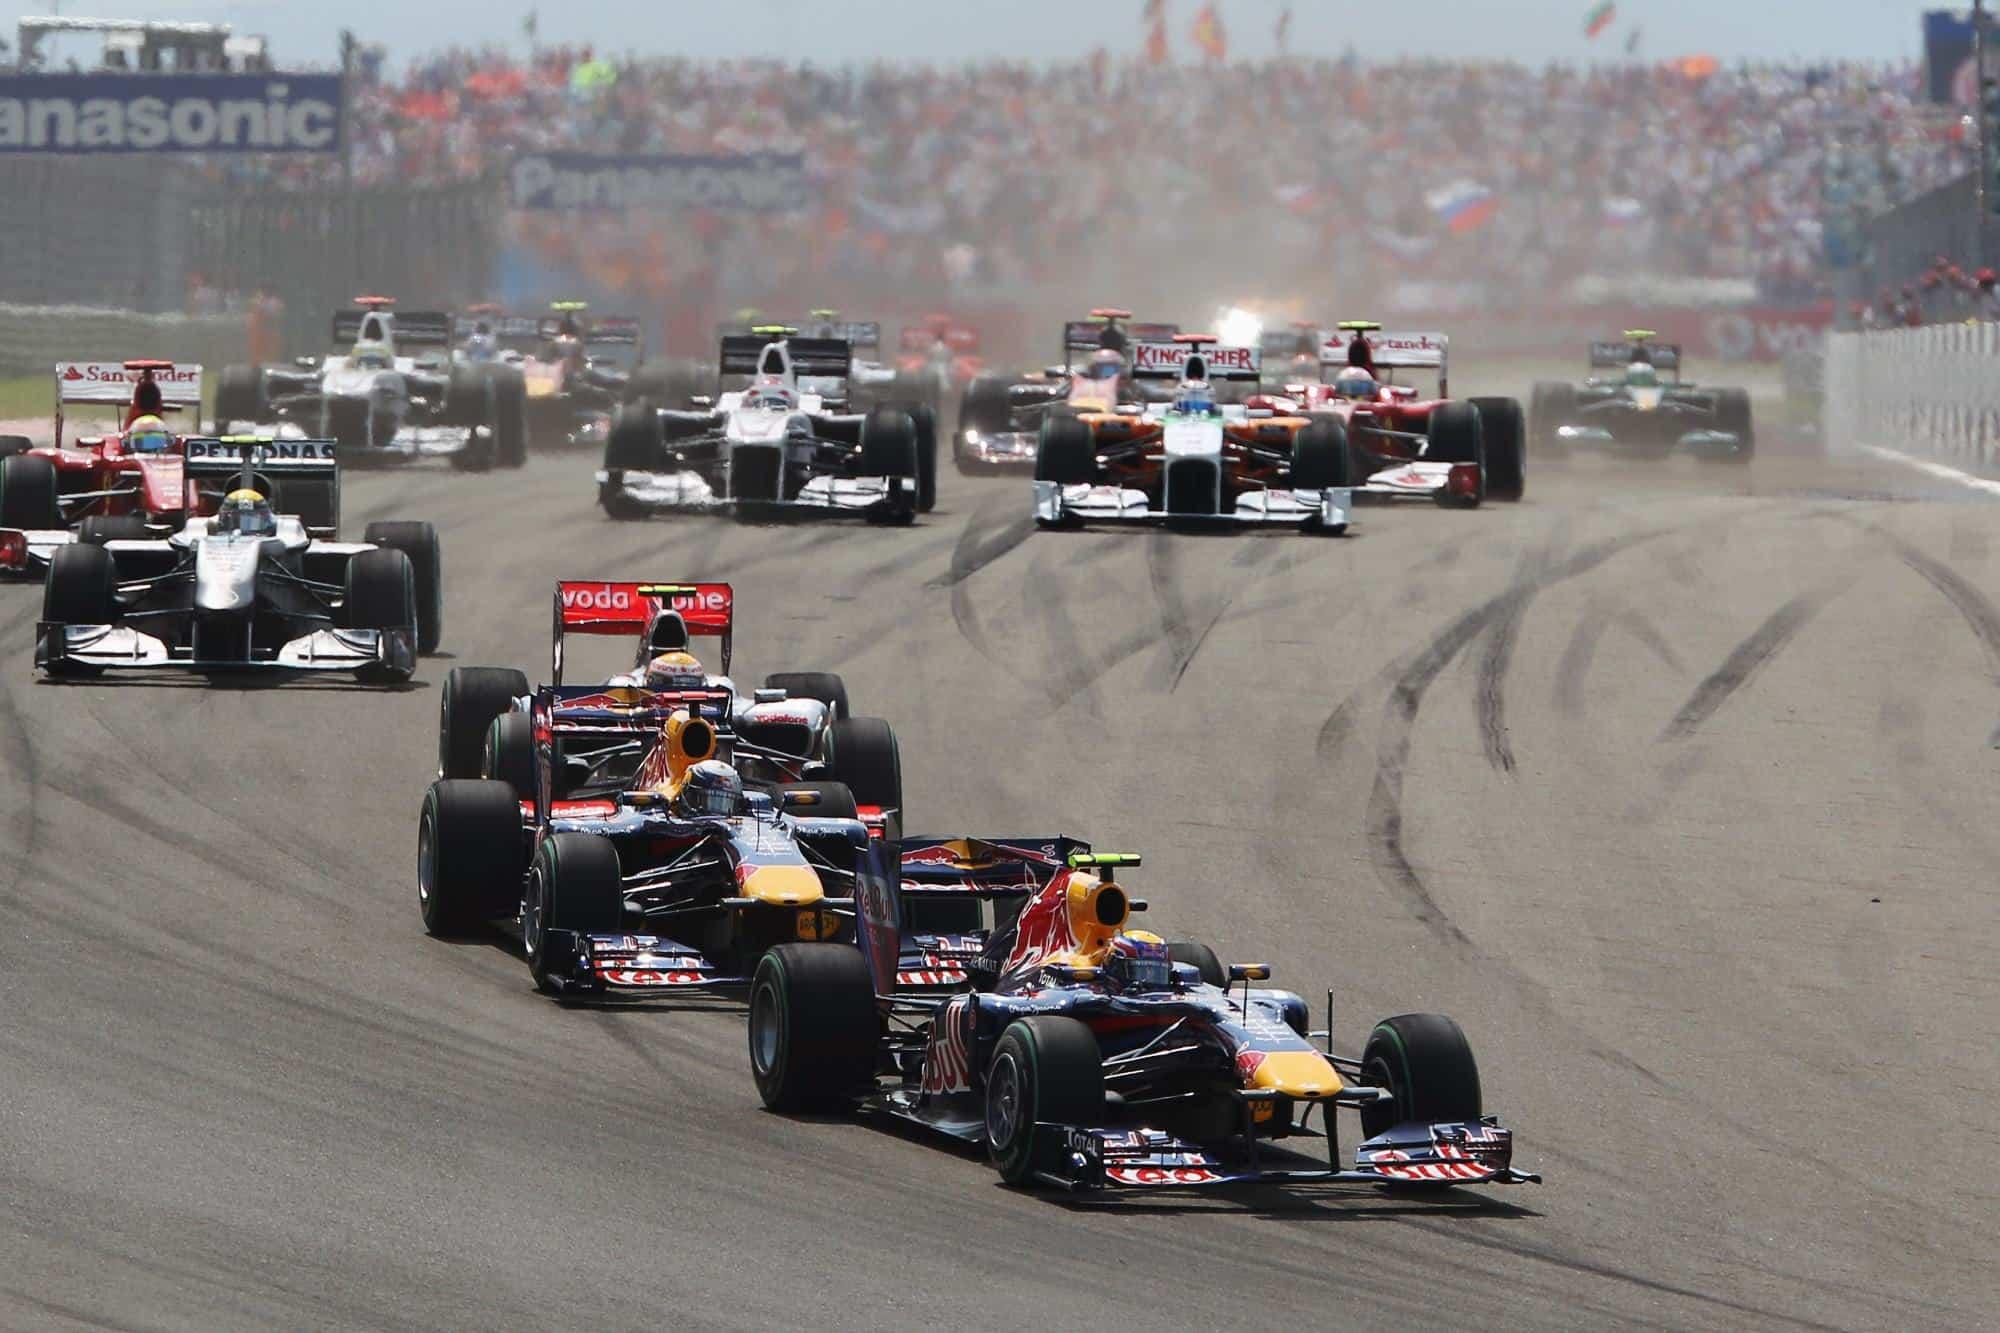 Turkish GP F1 2010 start Photo Red Bull